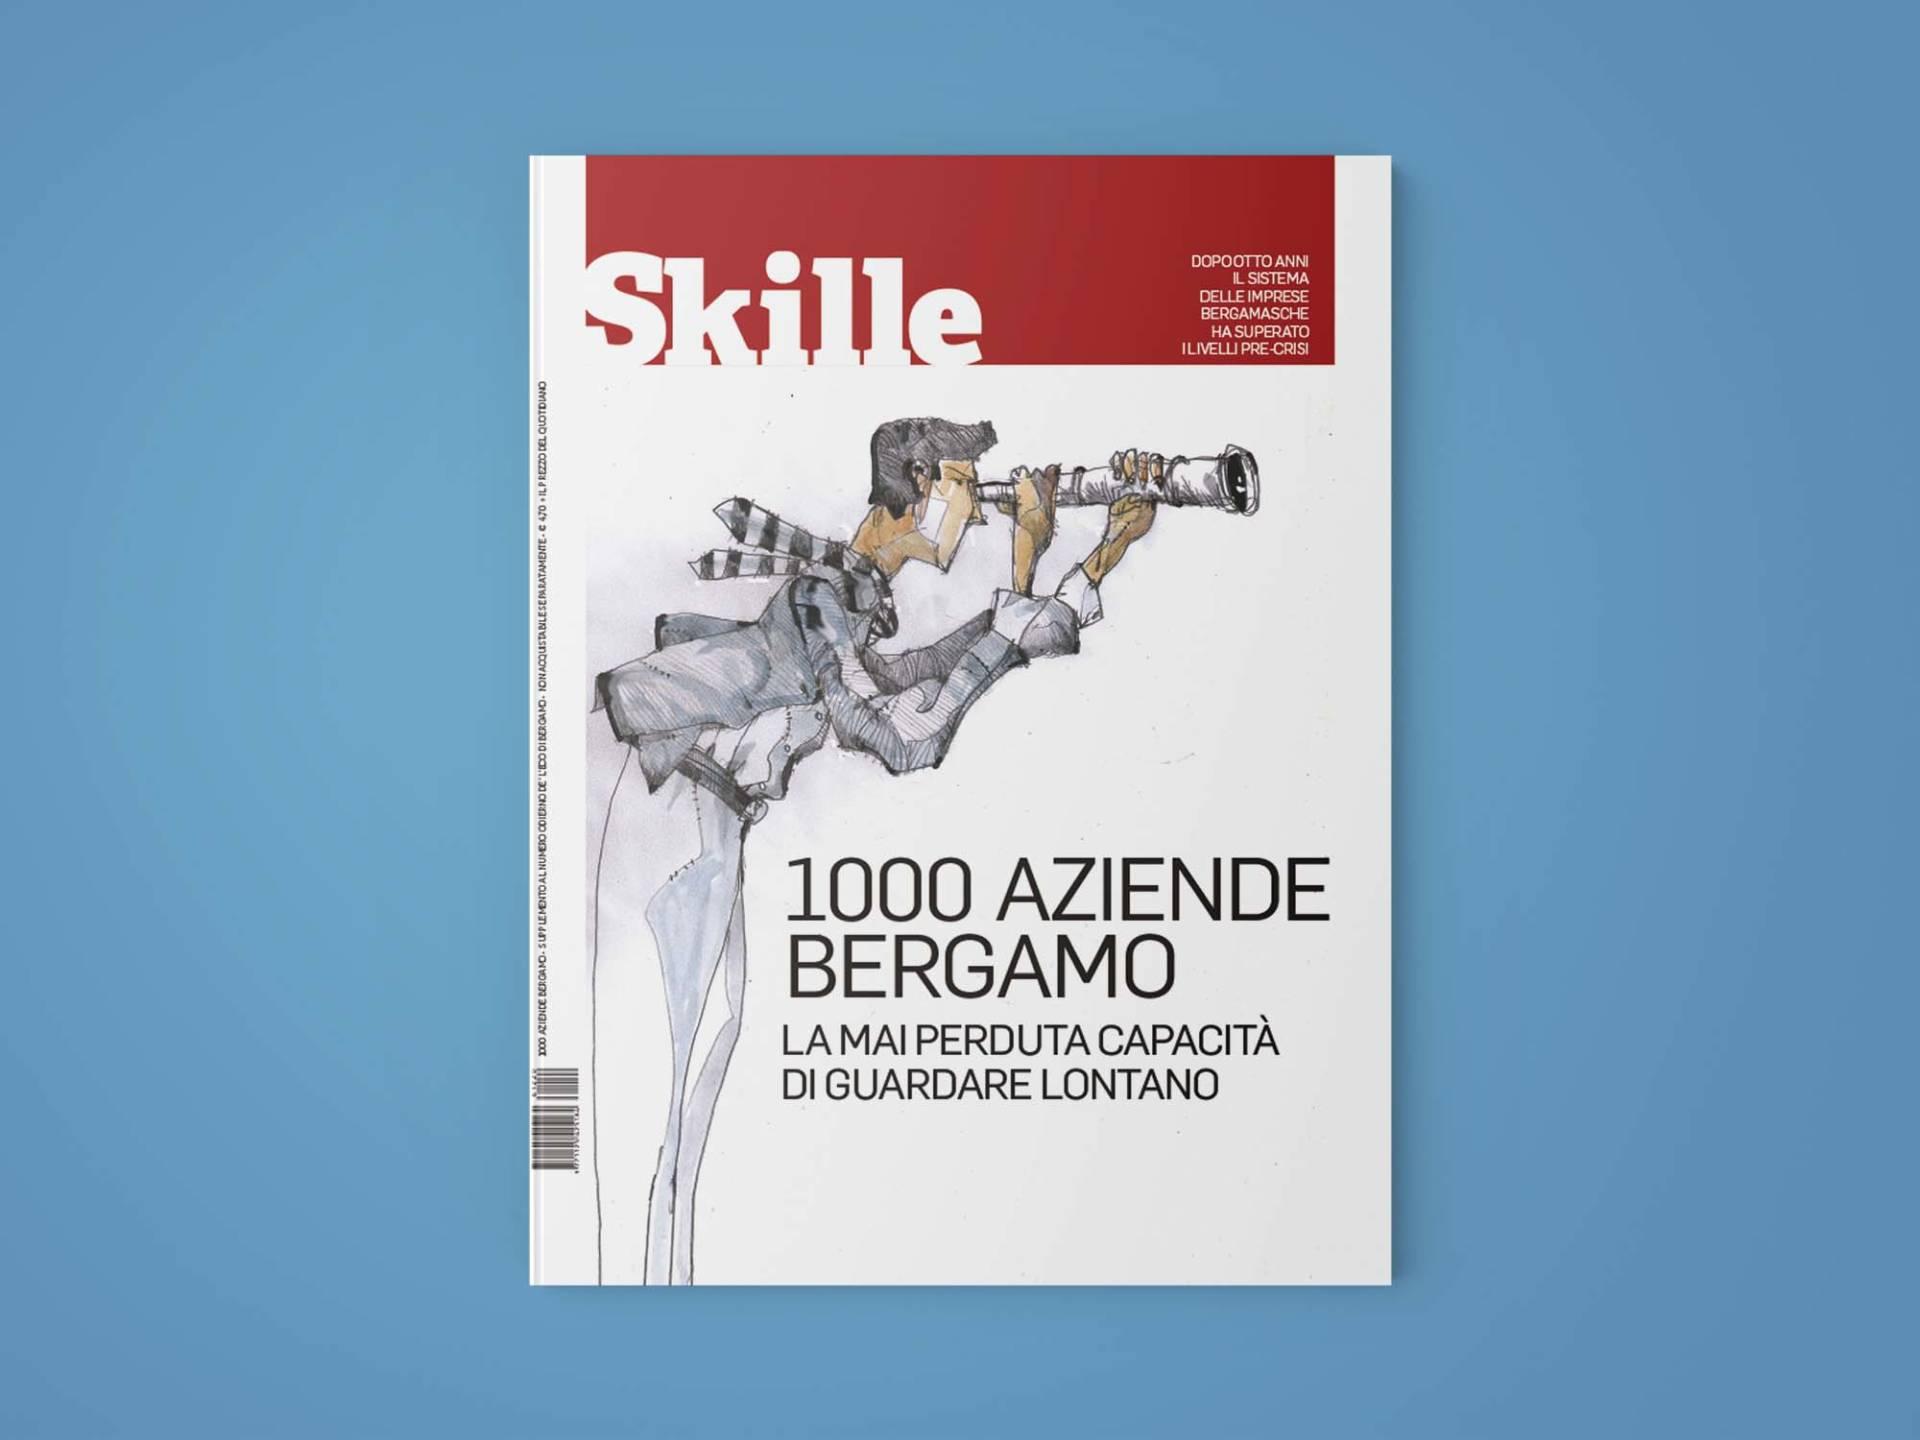 Skille_01_Wenceslau_News_Design